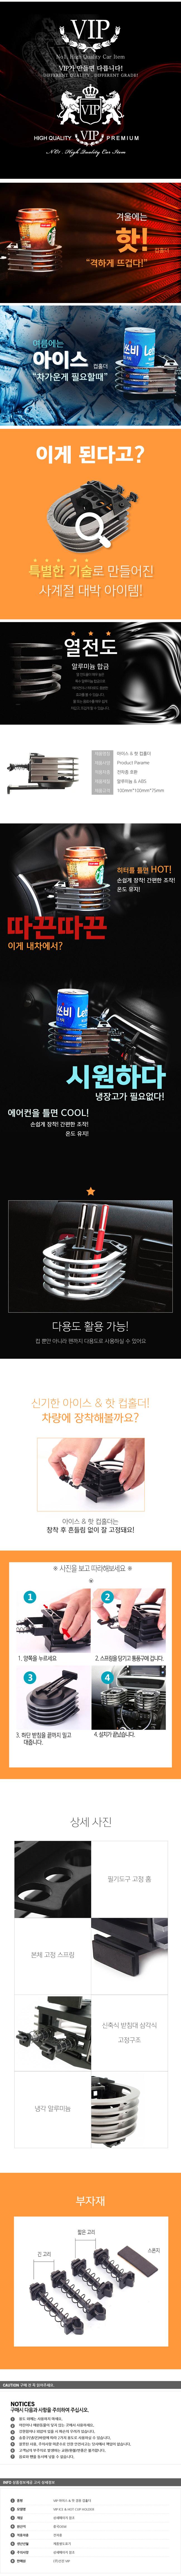 VIP 아이스 핫 컵홀더 / 알루미늄소재 보온 보냉 유지 송풍구형 컵홀더